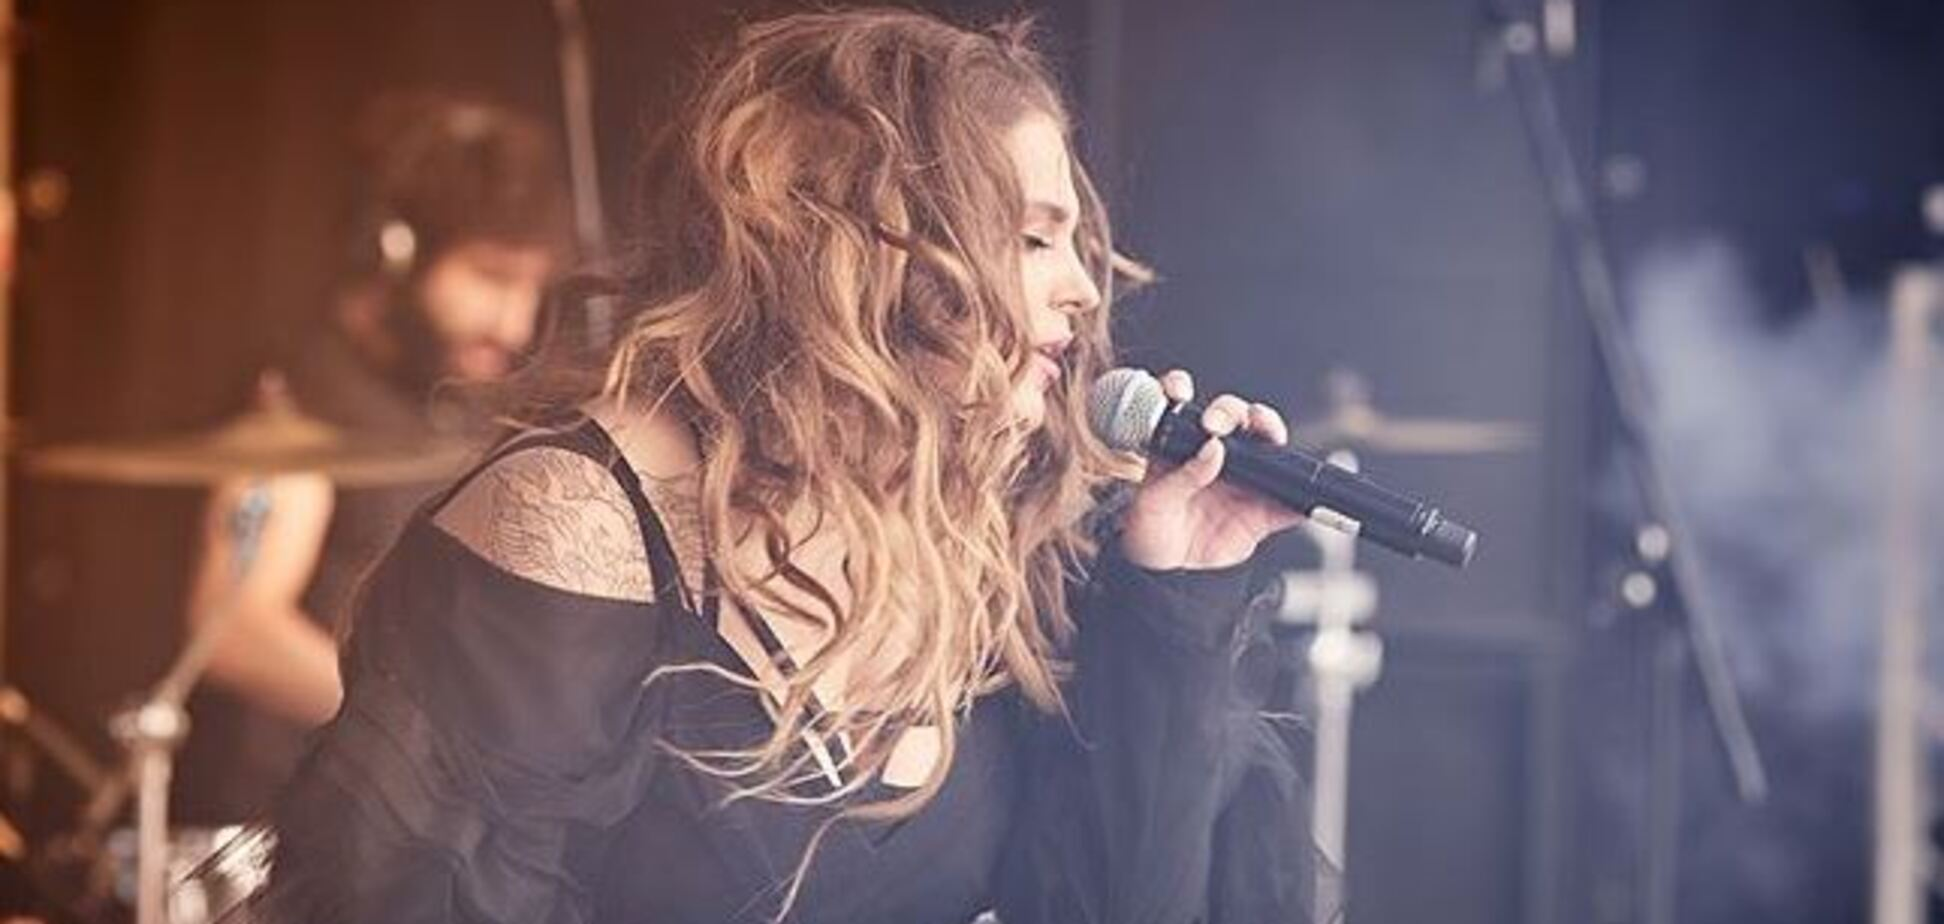 Украиноязычная песня впервые возглавила чарт клипов YouTube